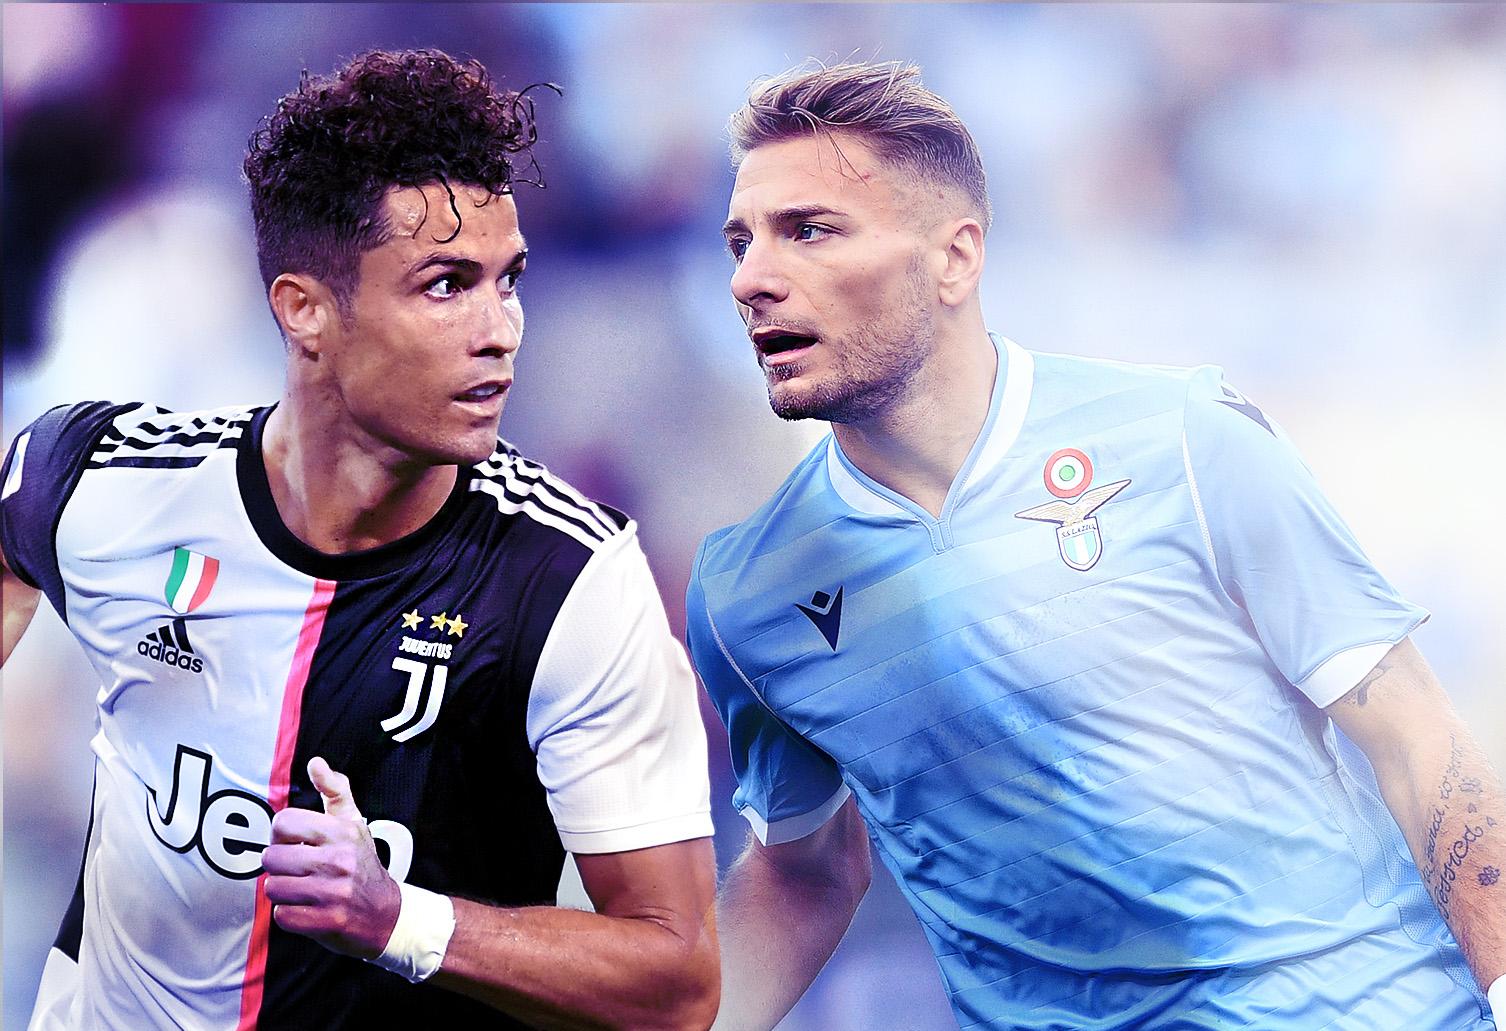 Juve-Lazio: probabili formazioni e dove vederla in tv